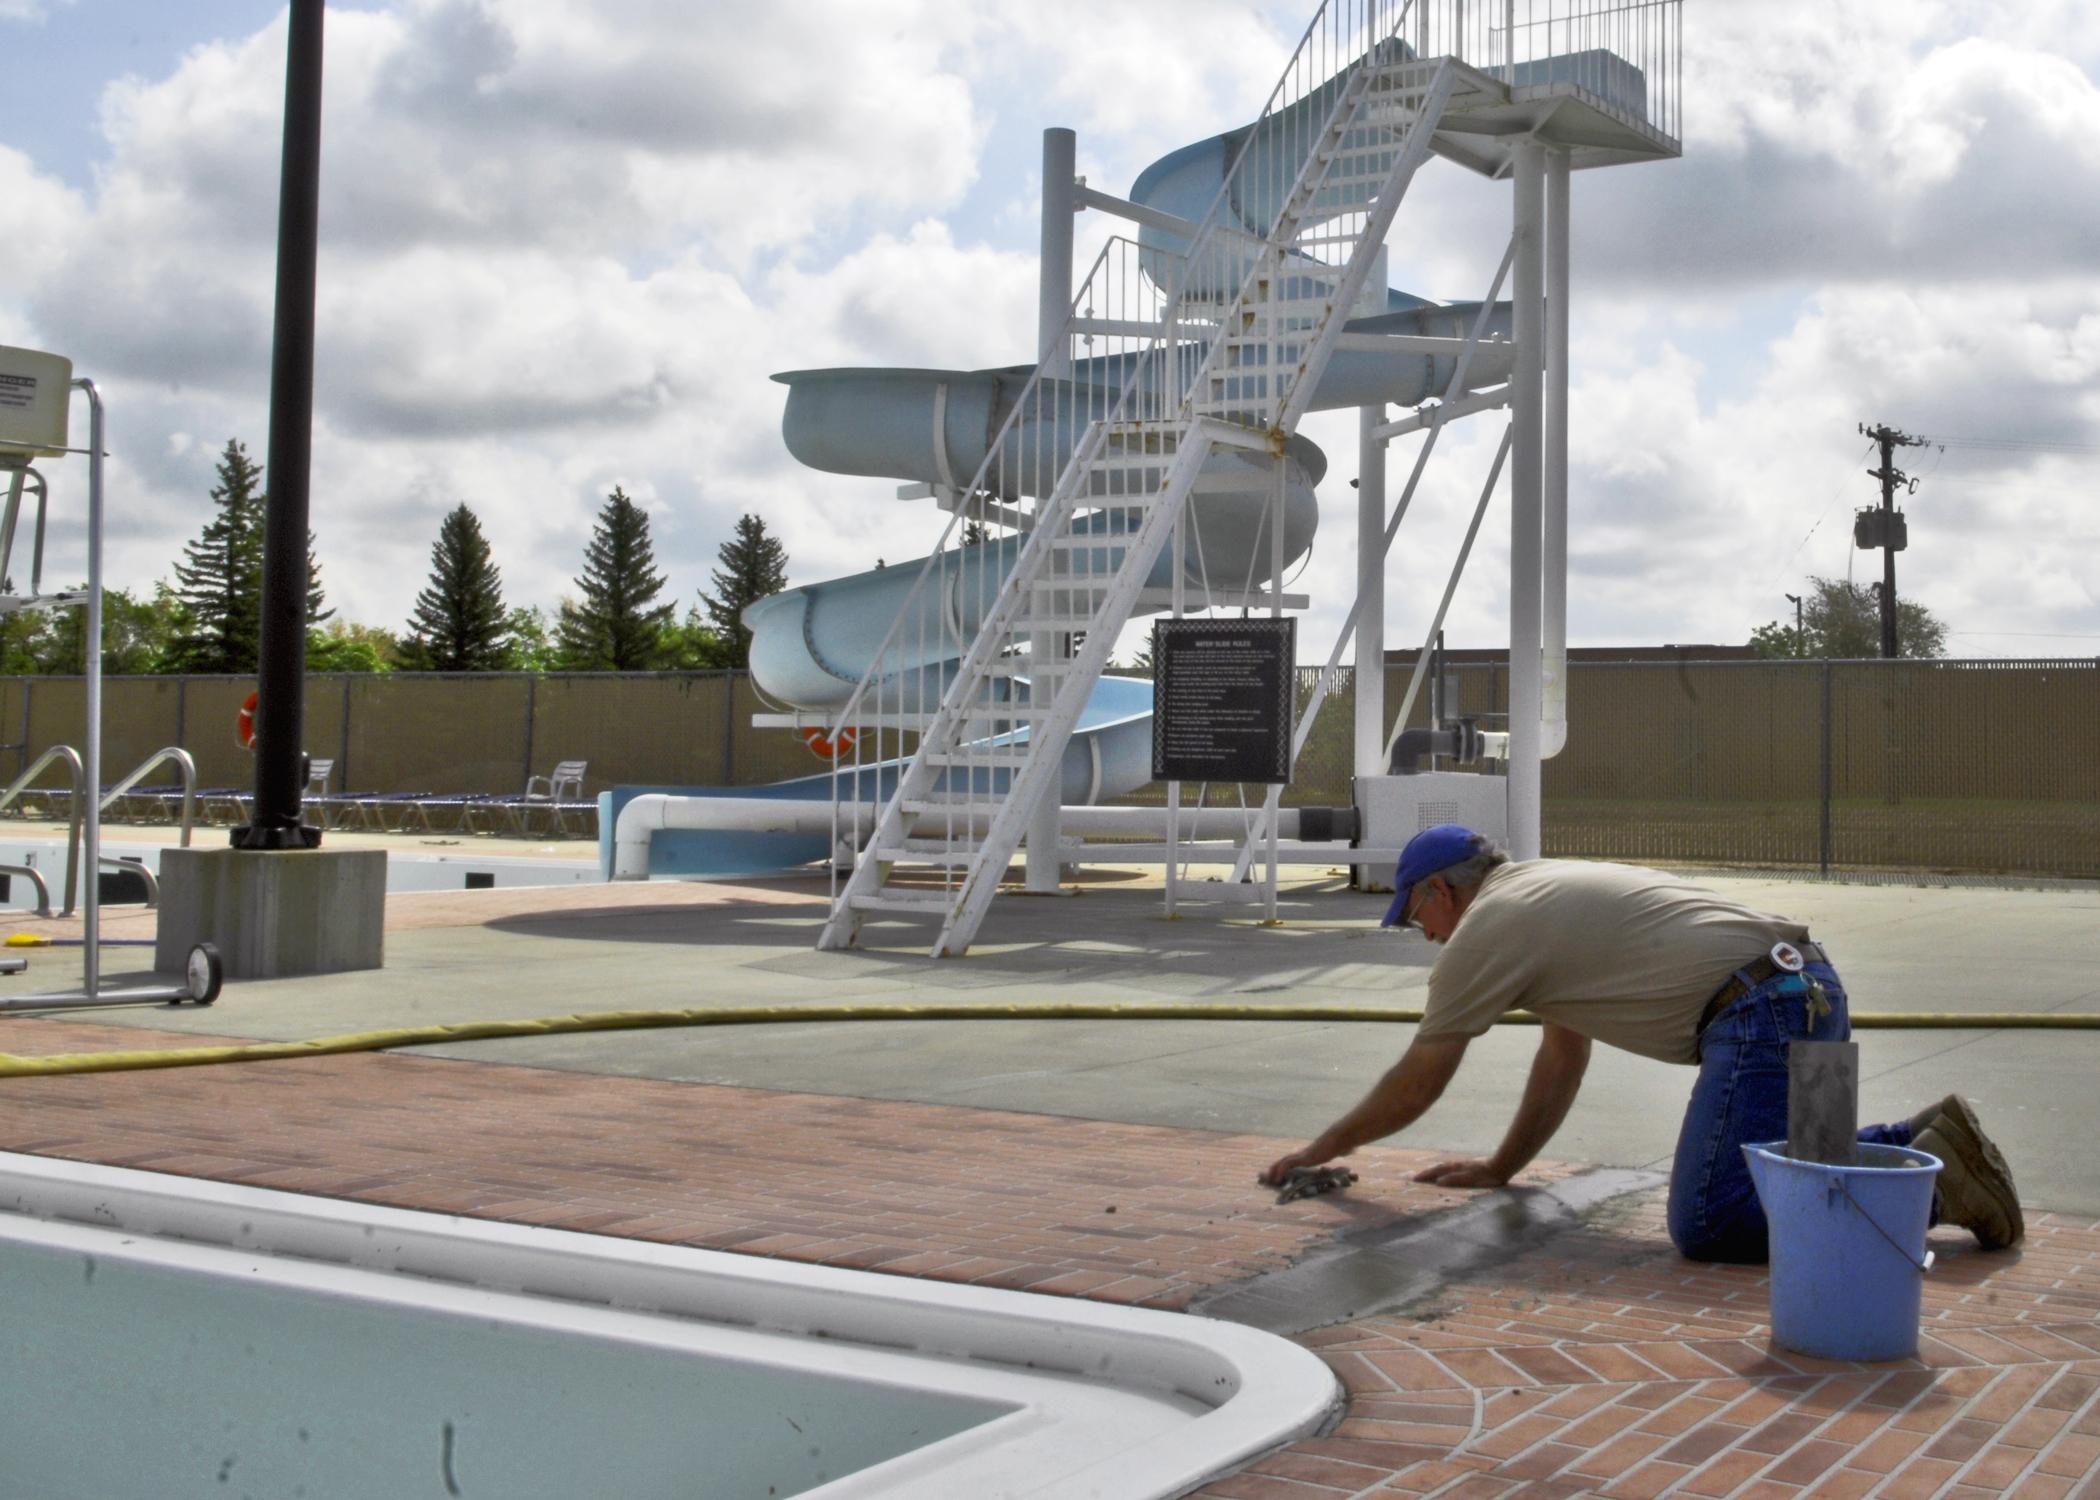 Indoor Pool Open As Outdoor Pool Undergoes Construction